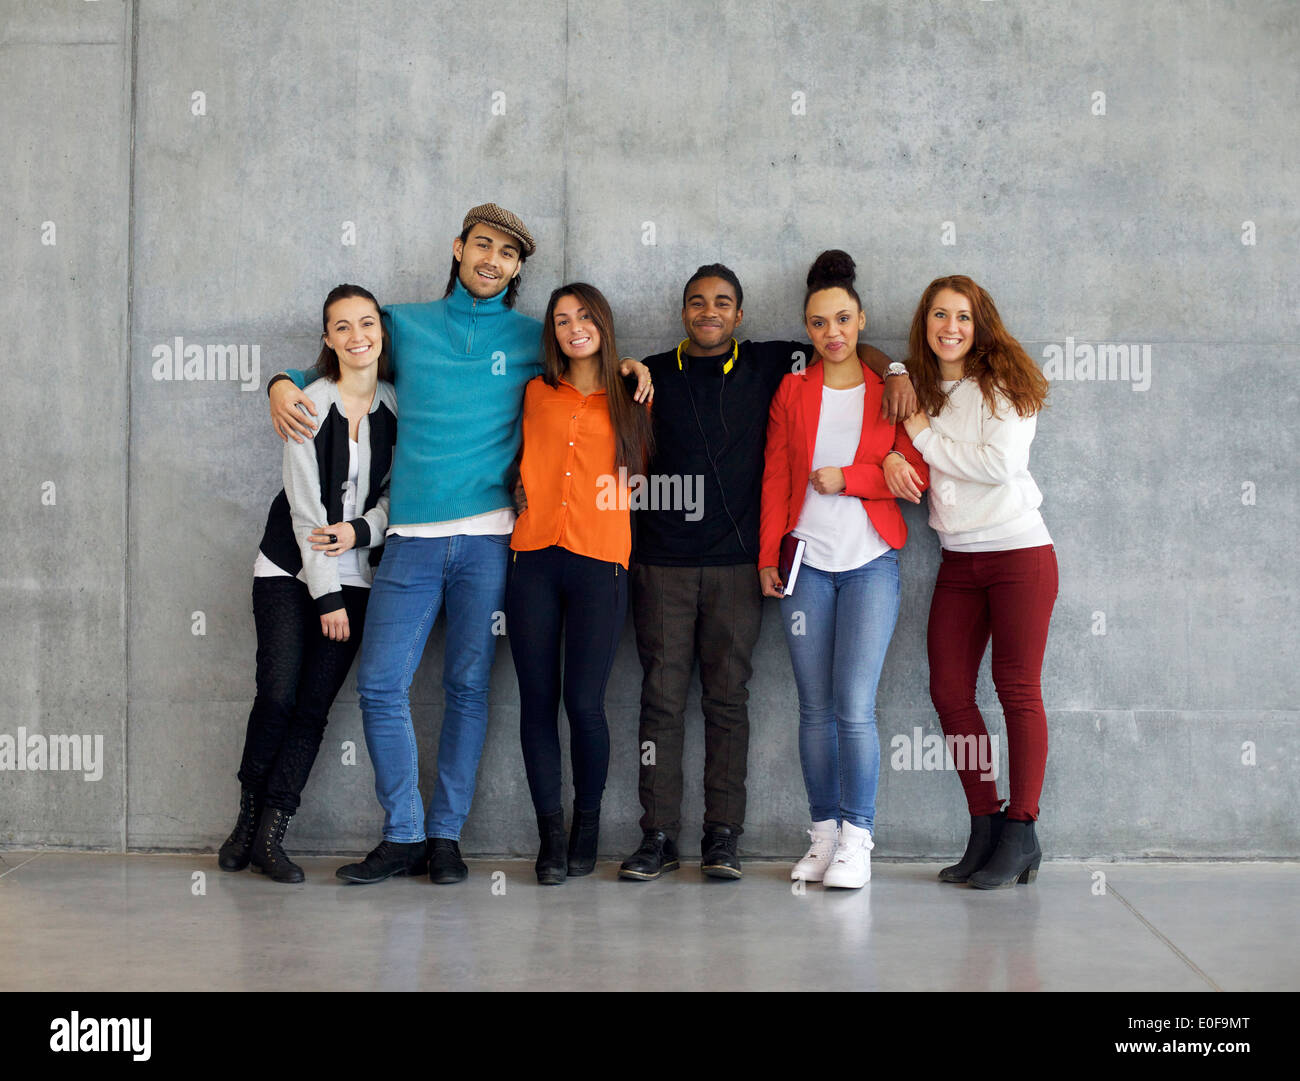 Gruppo multietnico di felice giovani studenti universitari del campus. Razza mista giovani insieme permanente contro Immagini Stock